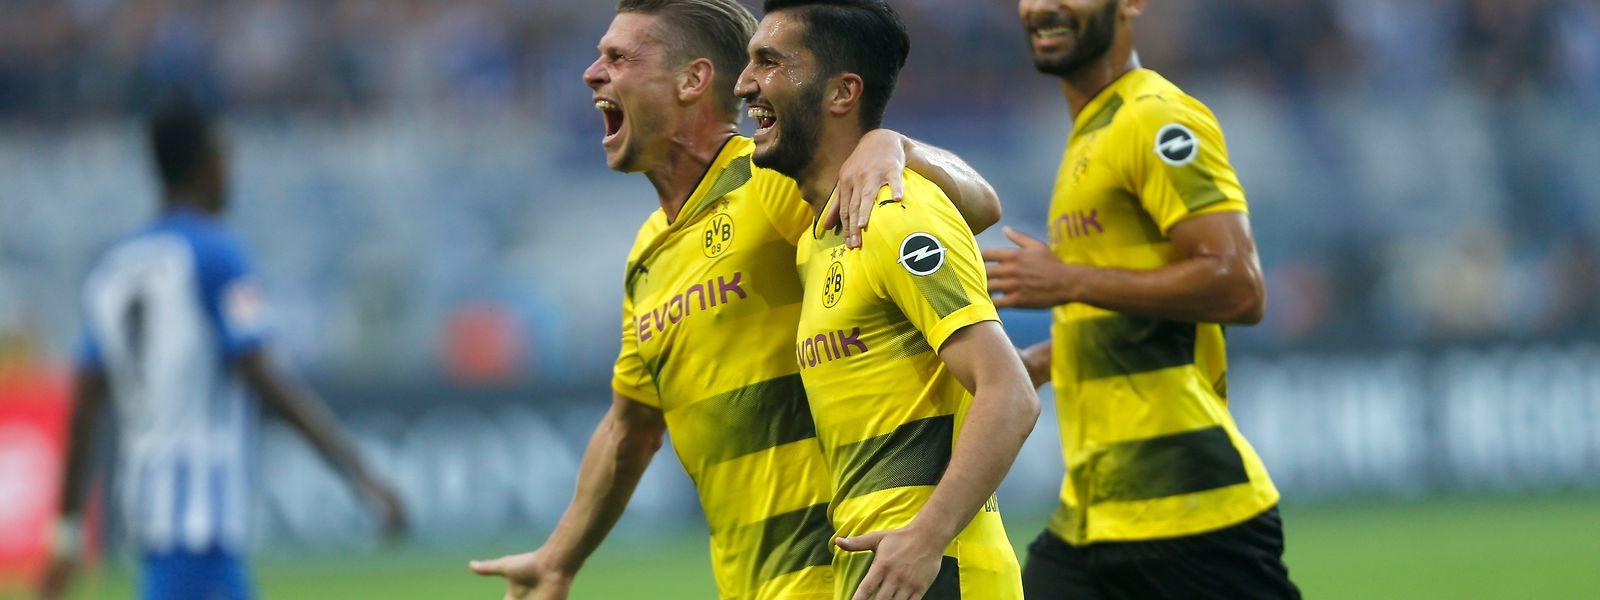 Der BVB zeigte gegen Hertha BSC eine starke Leistung.